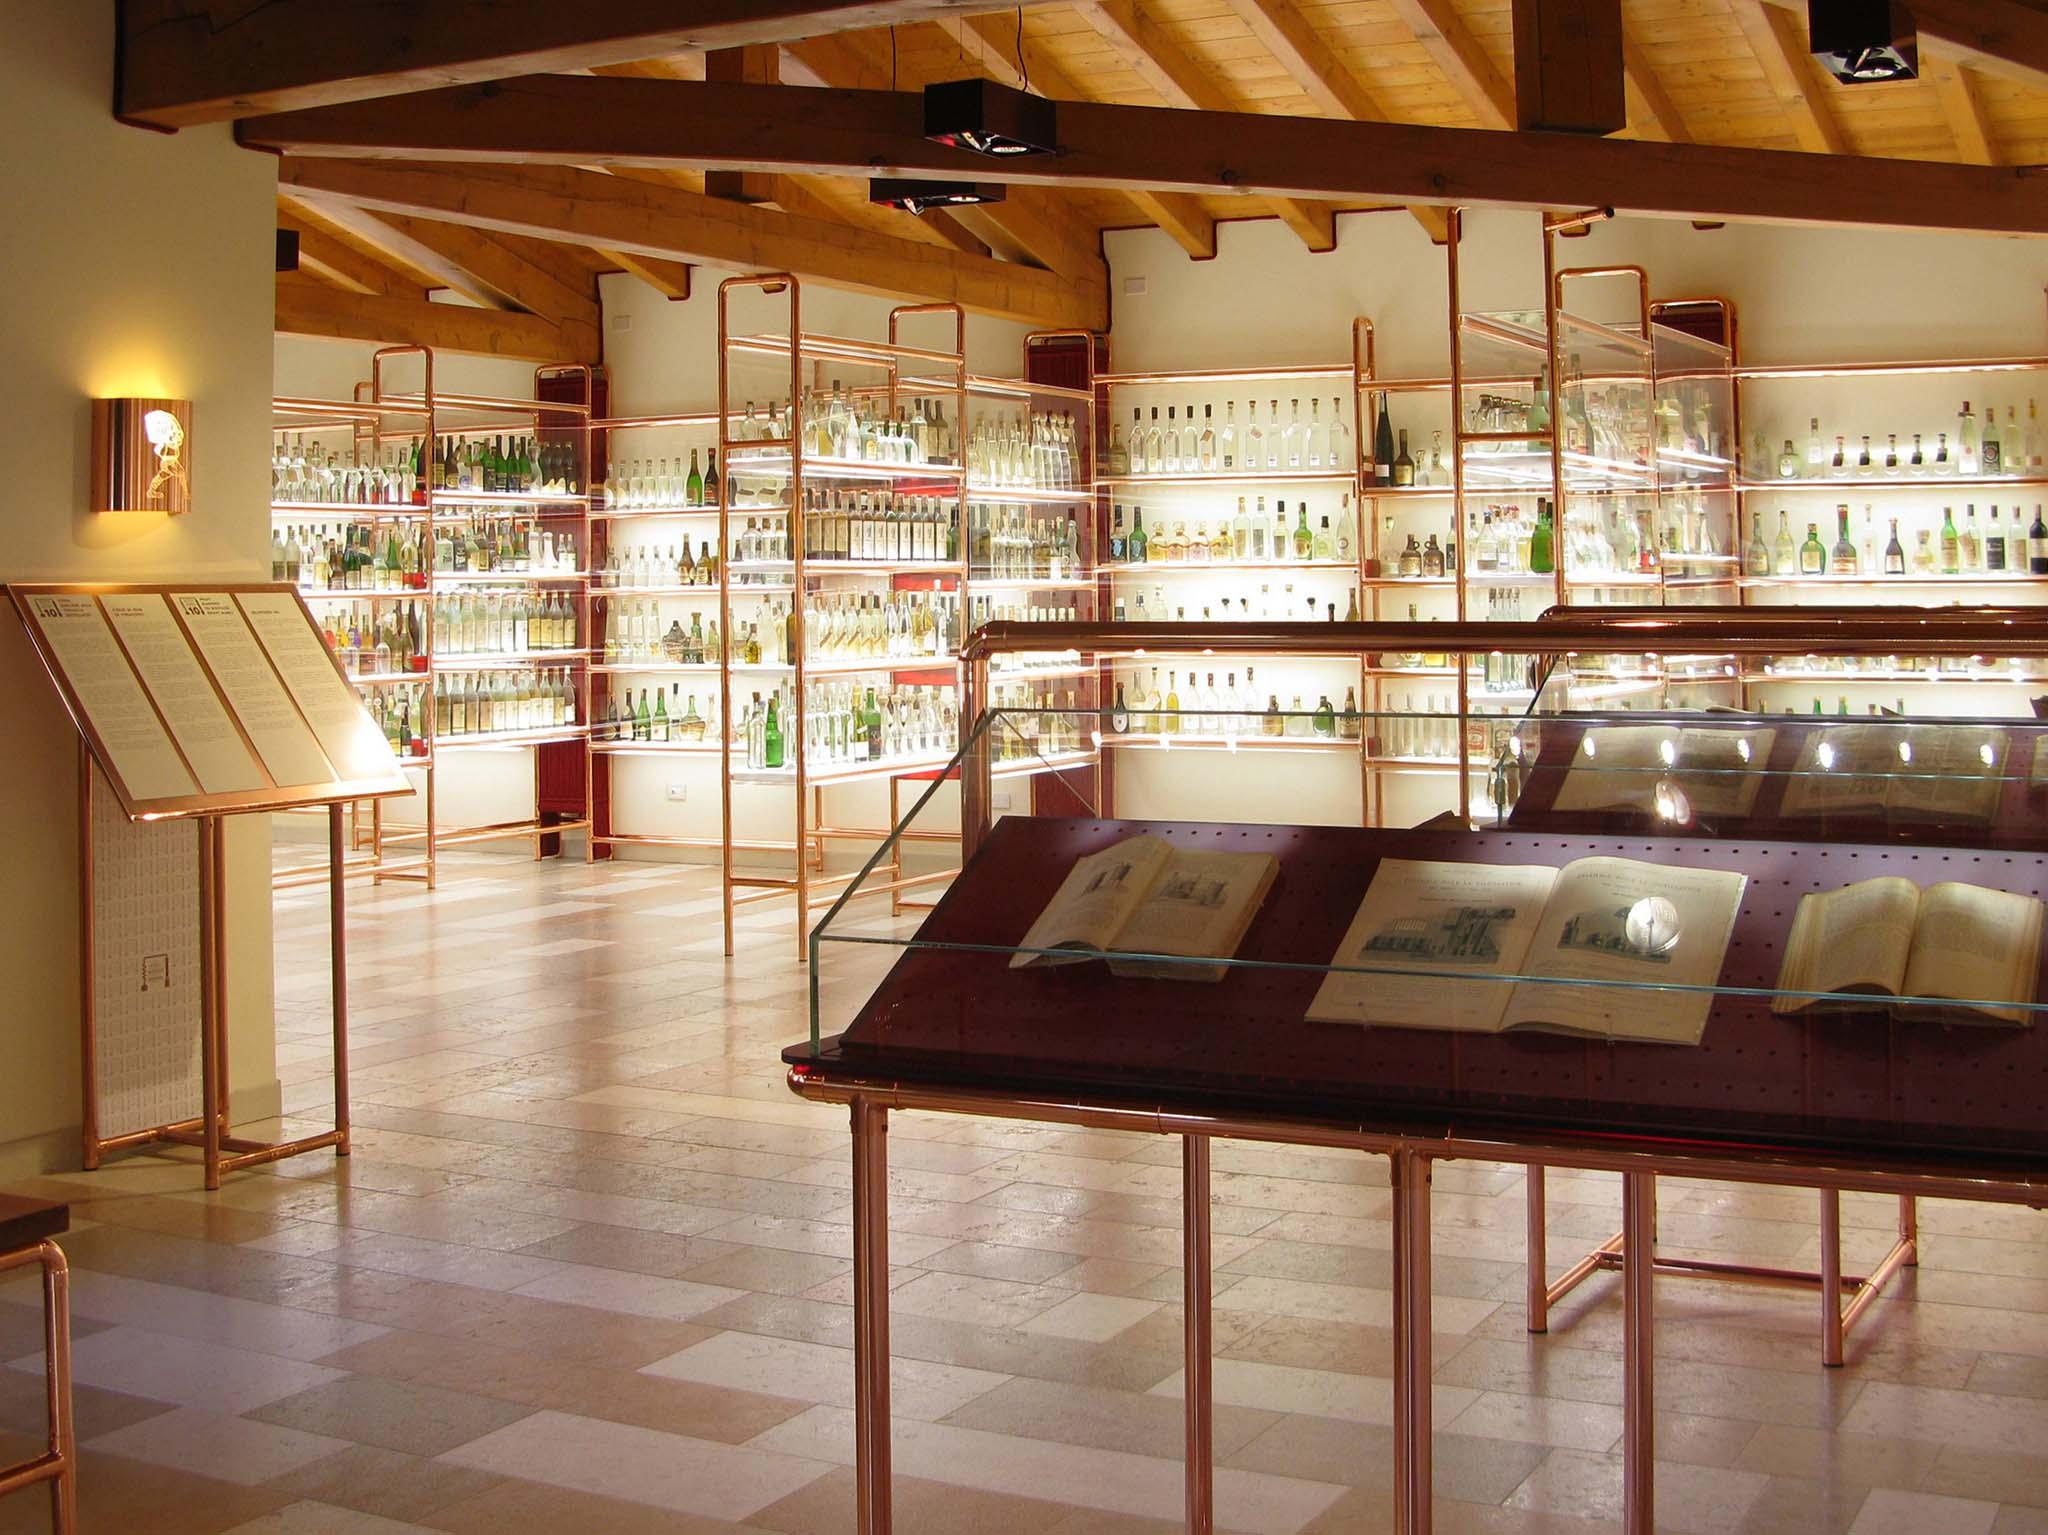 A - Poli Museo della Grappa Schiavon Interno